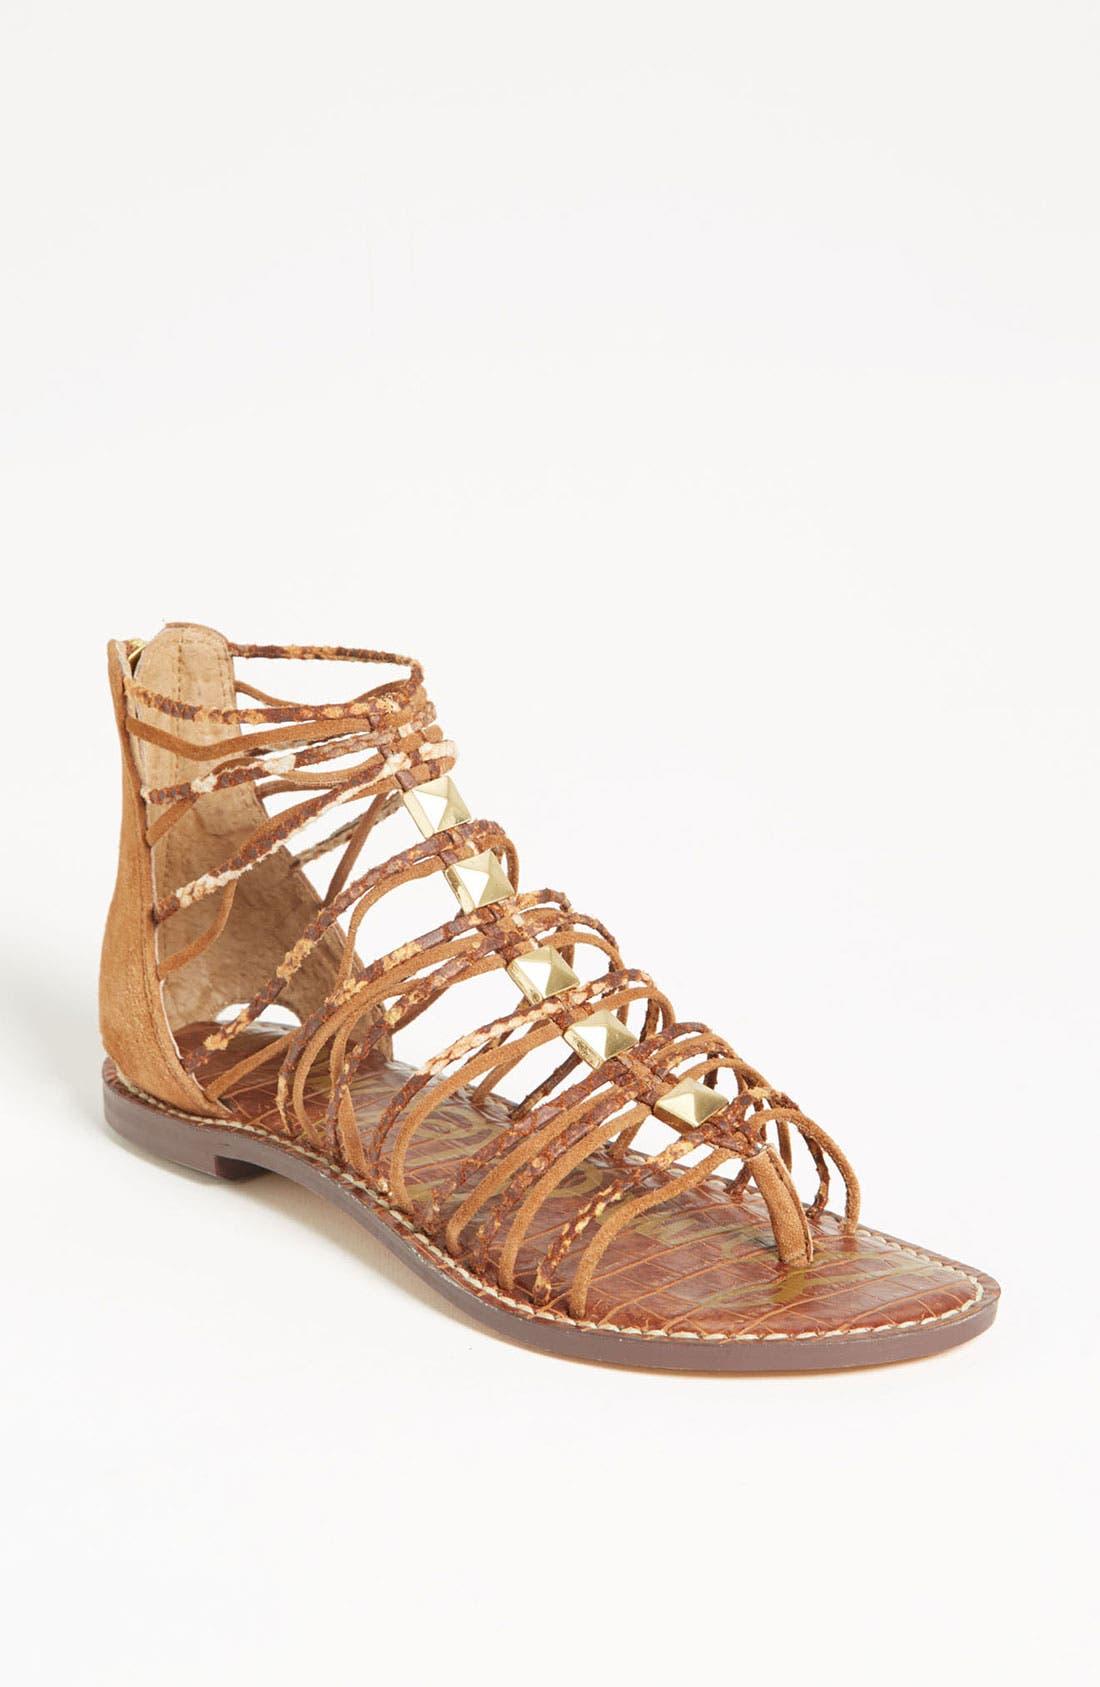 Alternate Image 1 Selected - Sam Edelman 'Grant' Sandal